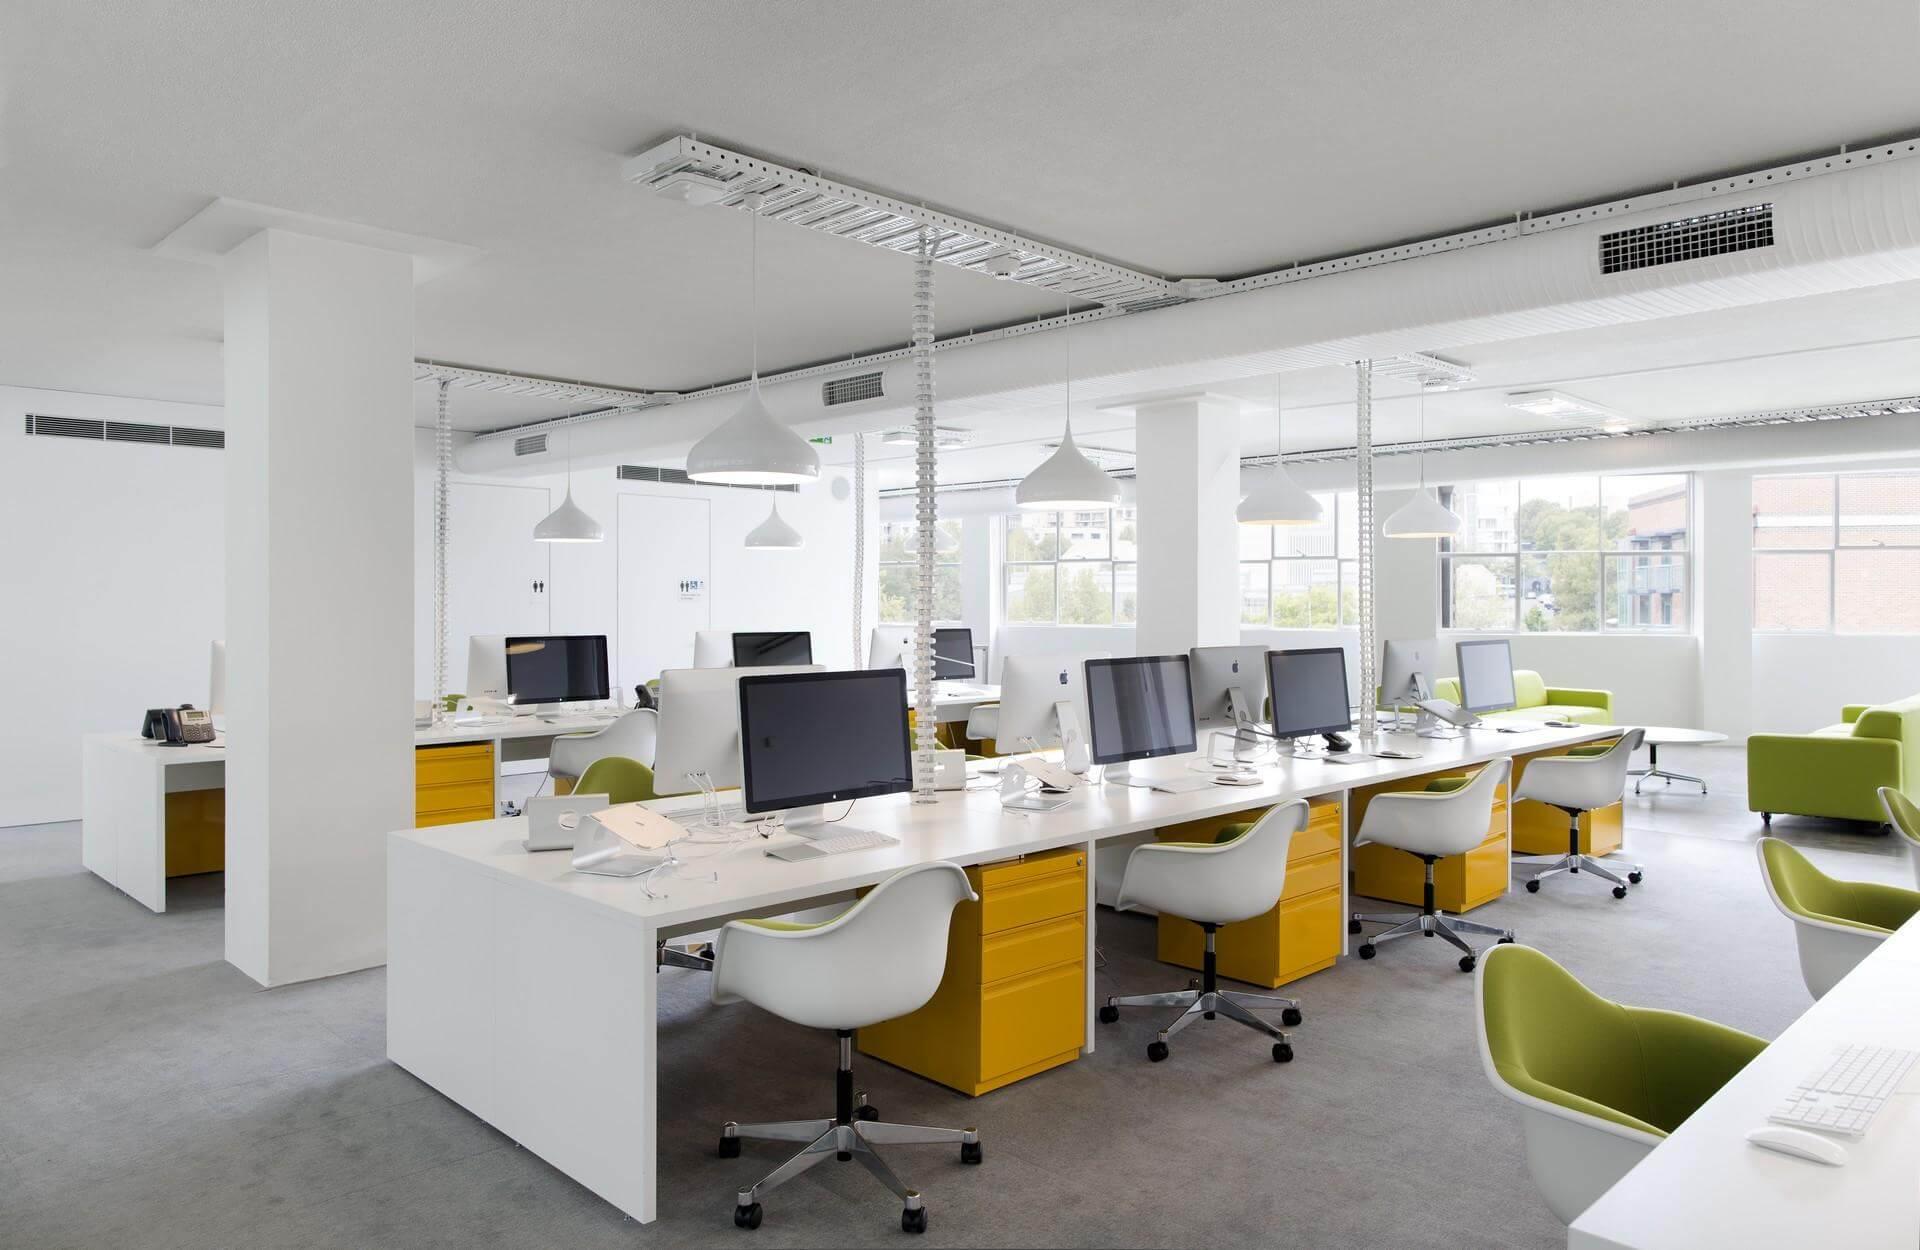 Khởi nghiệp thành công với 4 quy tắc vàng trong thiết kế văn phòng thông  minh. - Quản trị doanh nghiệp